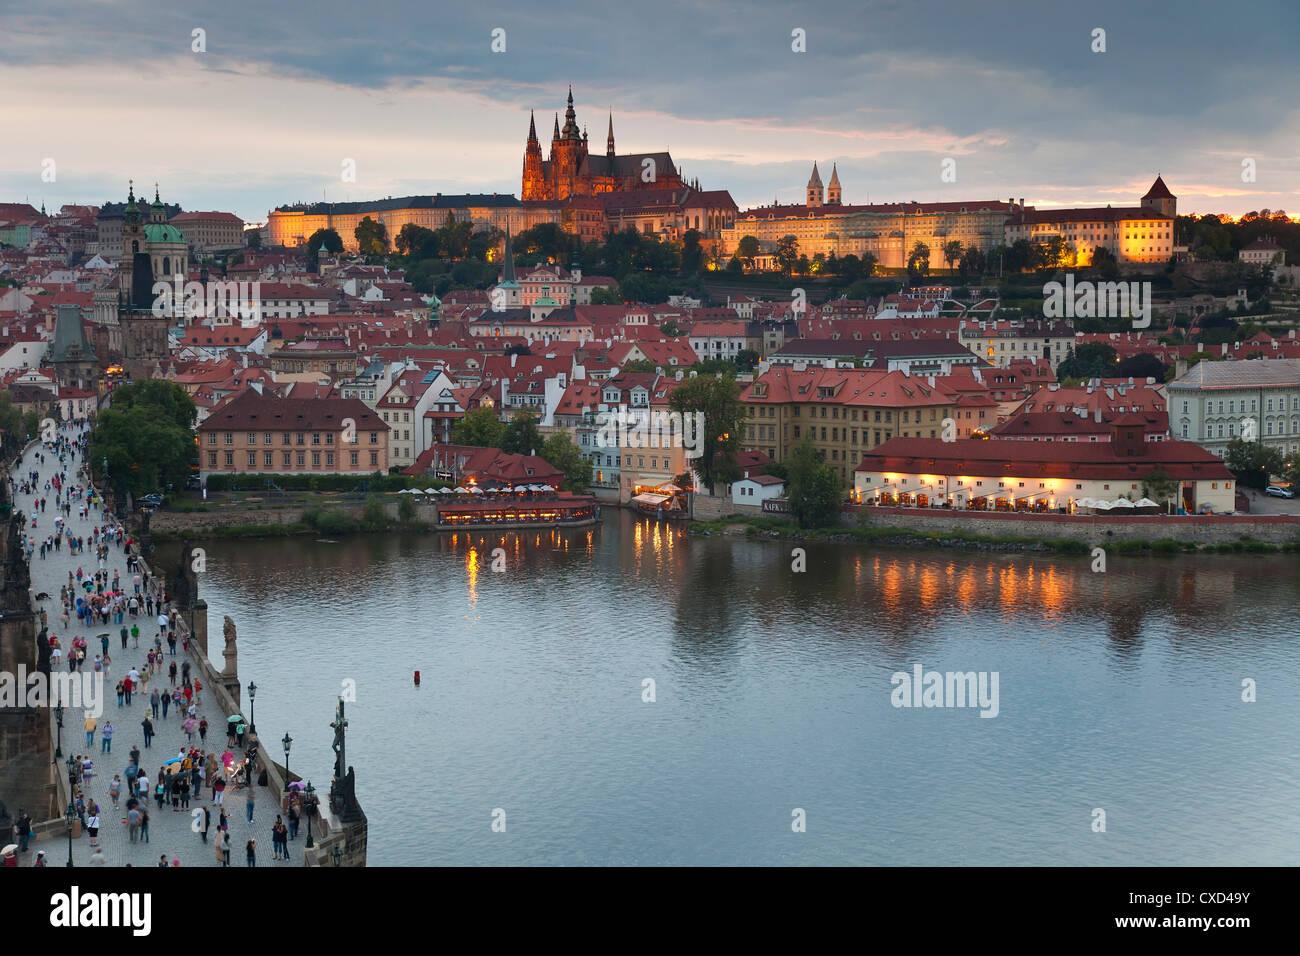 Catedral de San Vito, el Puente de Carlos, el río Vltava y el barrio del castillo iluminado en la noche, Praga, Imagen De Stock